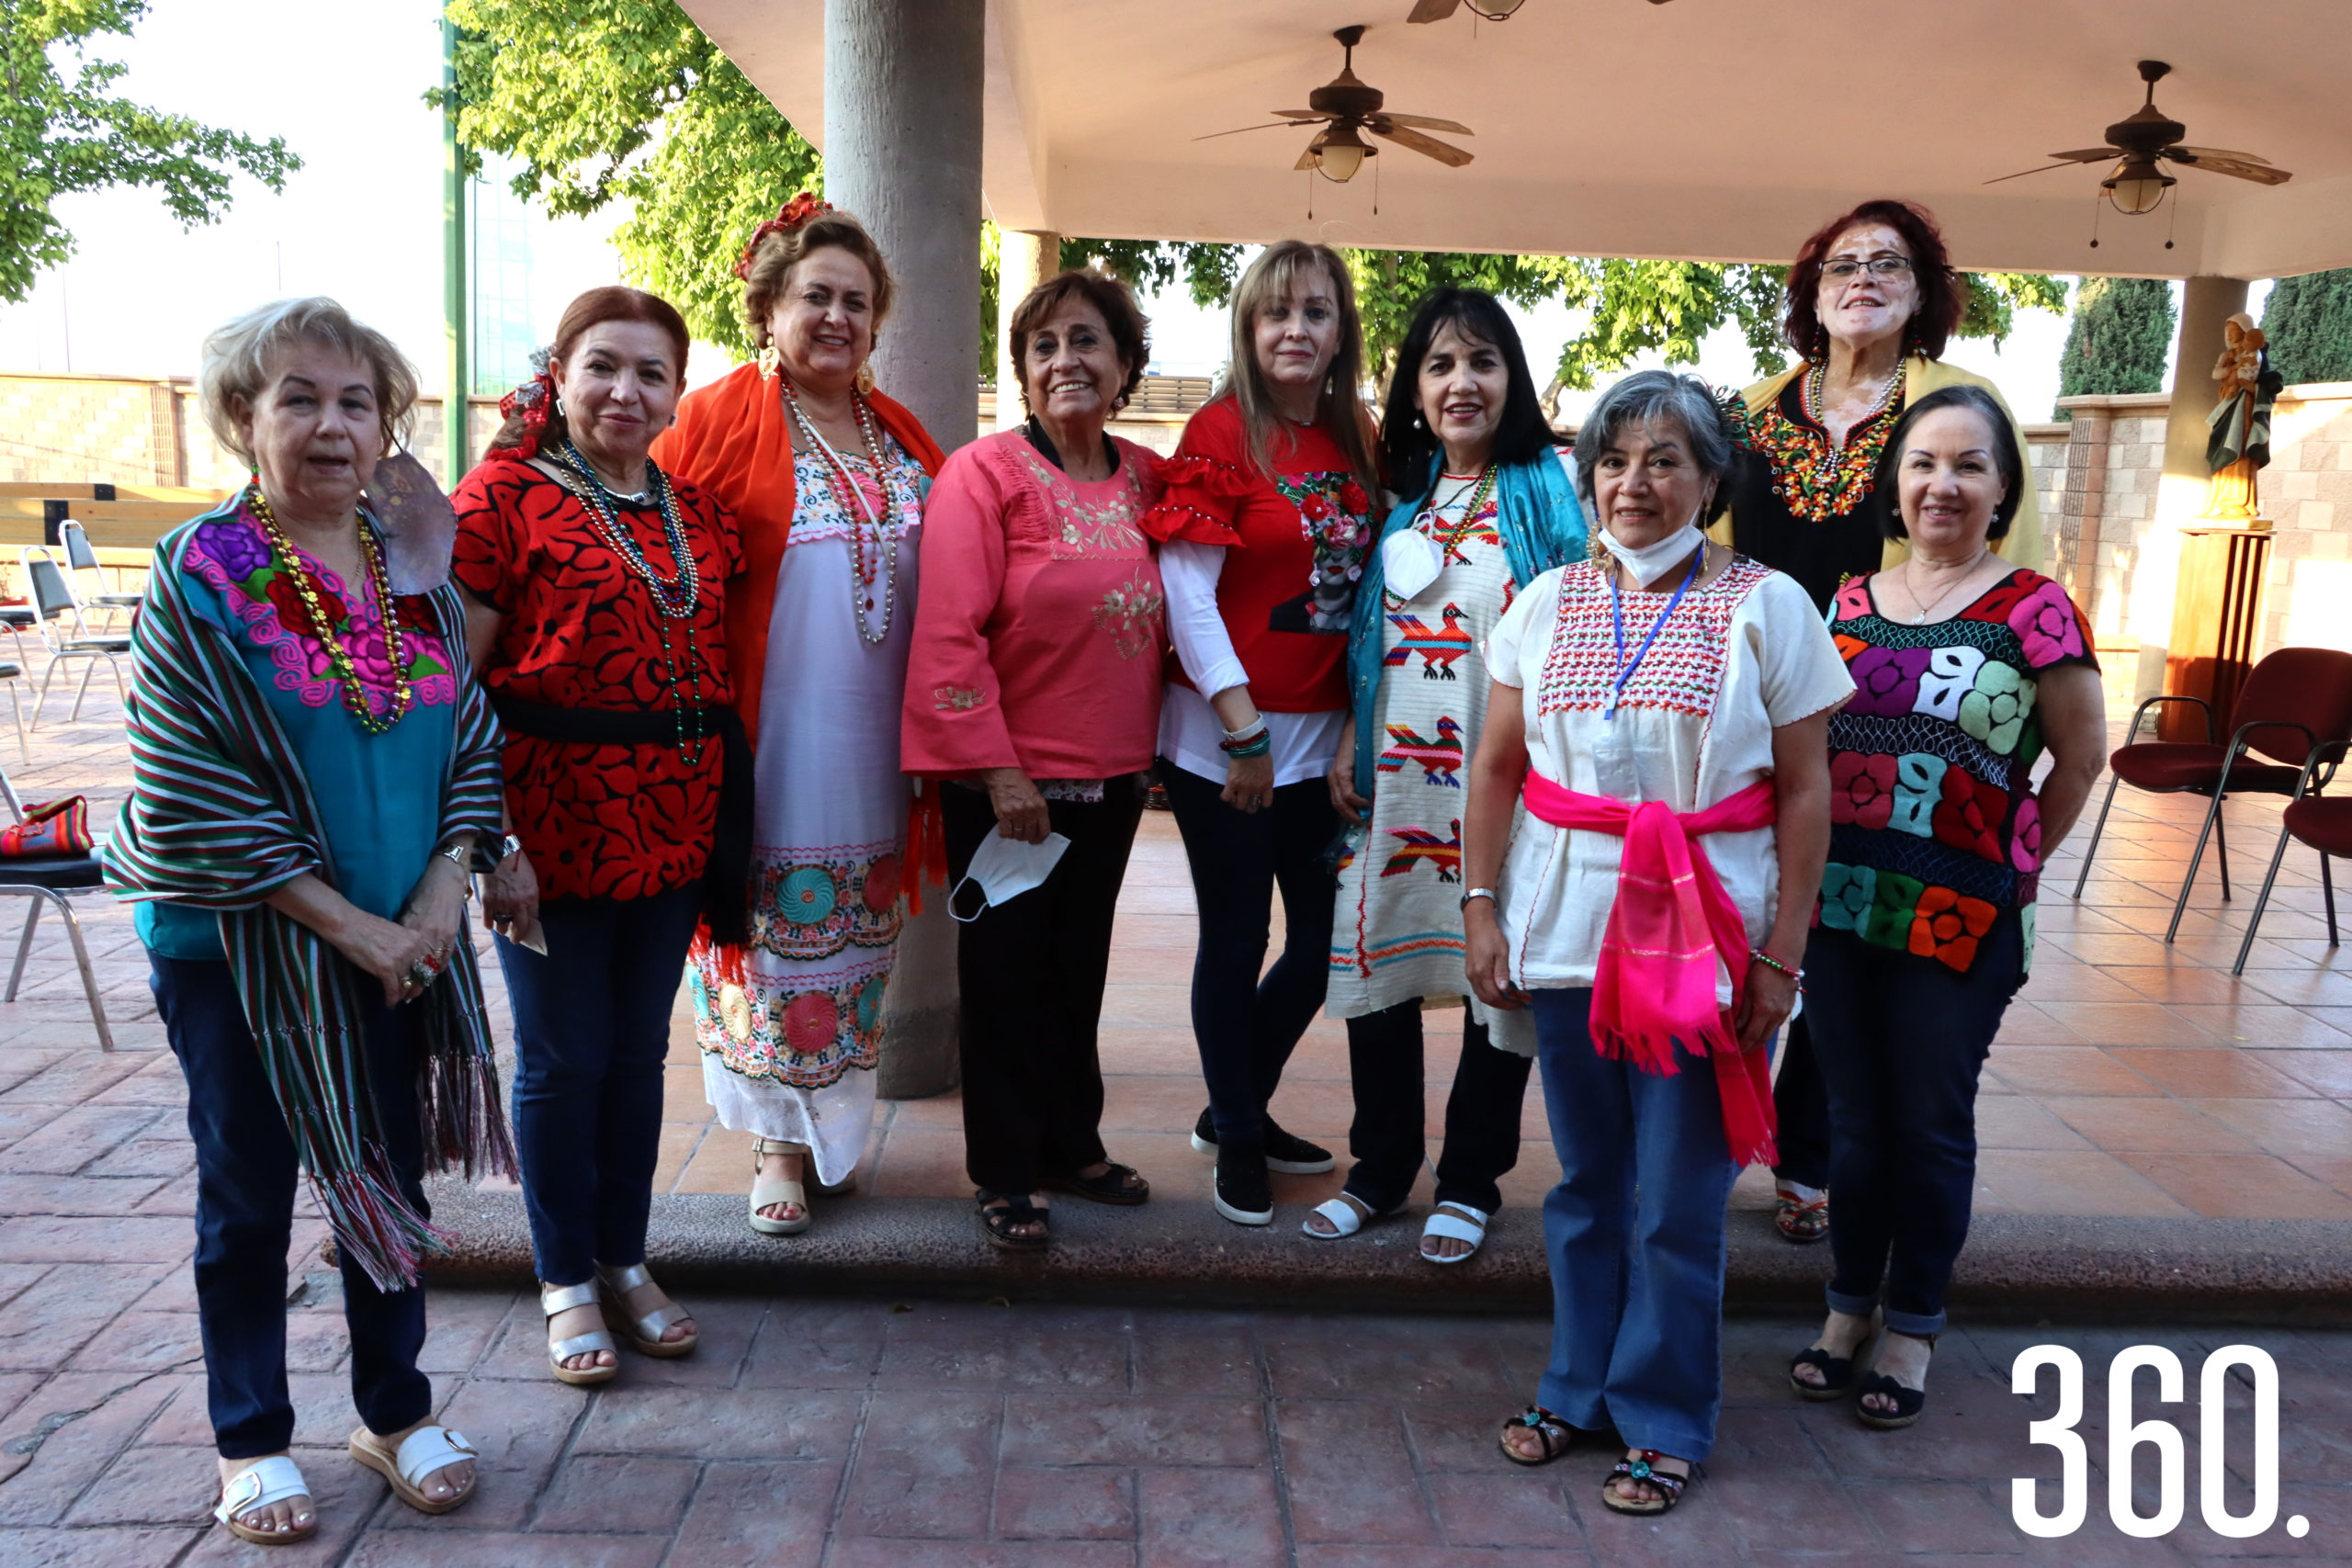 Bertha Gutiérrez, Ana María Romo, Pita Dewey, Graciela García, Gretel Barba, Martha Zertuche, Araceli Ramírez, Leticia Espinosa y Lourdes Villalón.